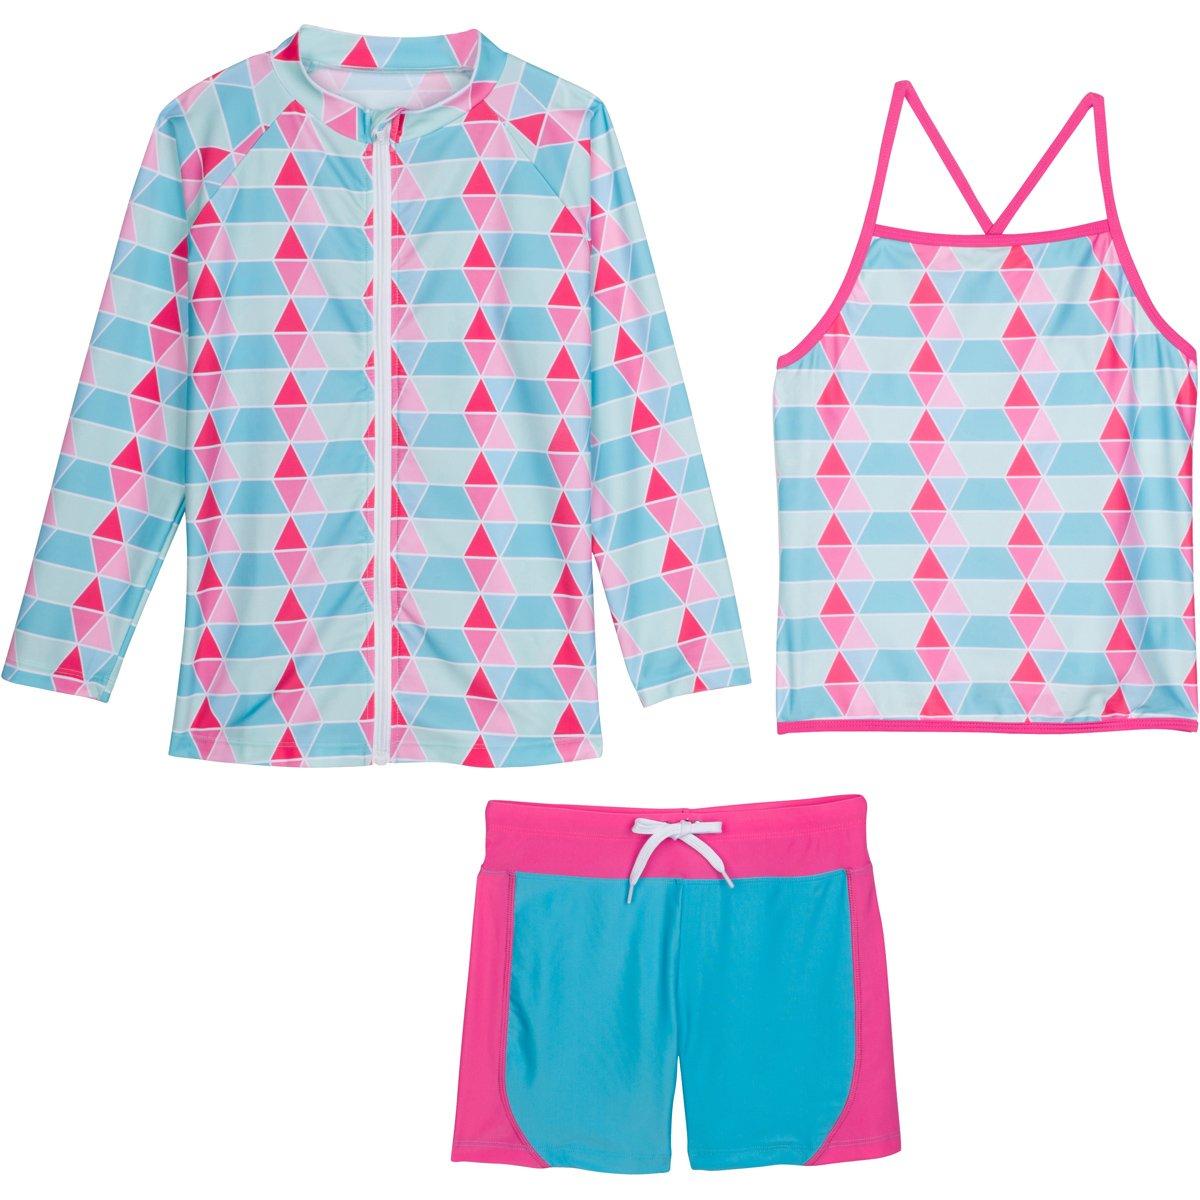 SwimZip Girls Long Sleeve Rash Guard Swim Shorts Set with UPF 50+ Blue 18-24 Month SZILSSHORTSET3PC13